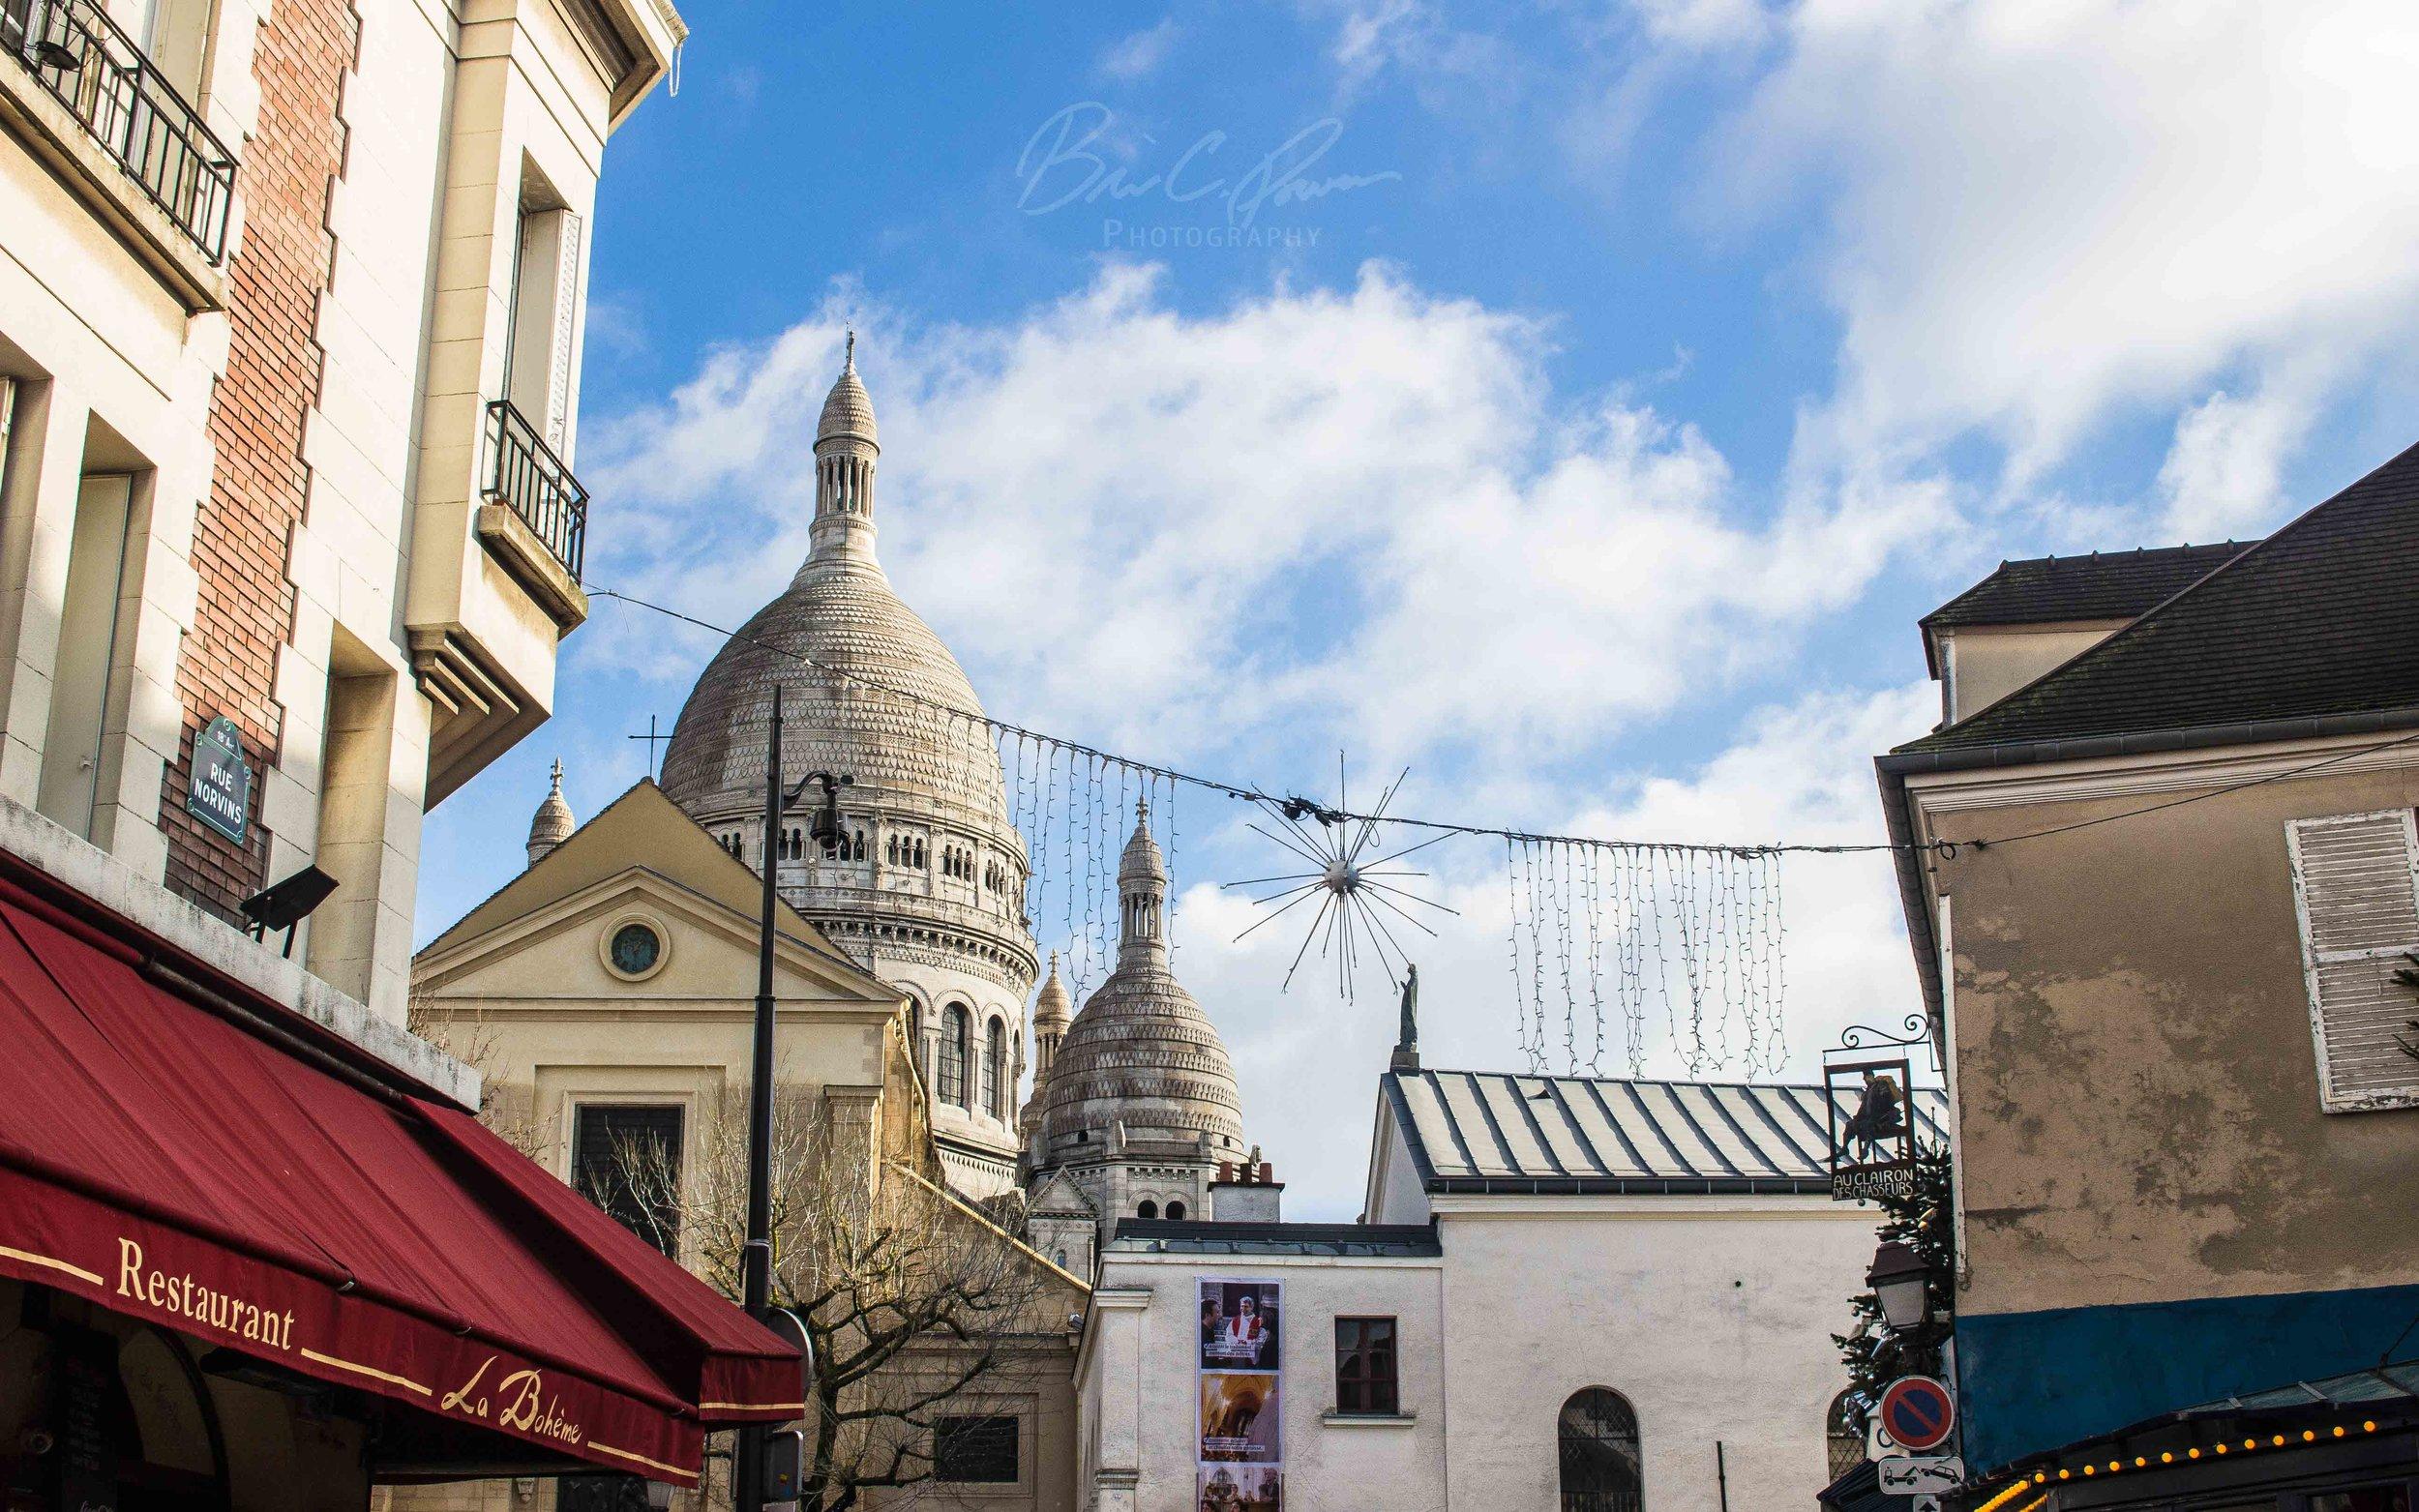 Parisian Markets